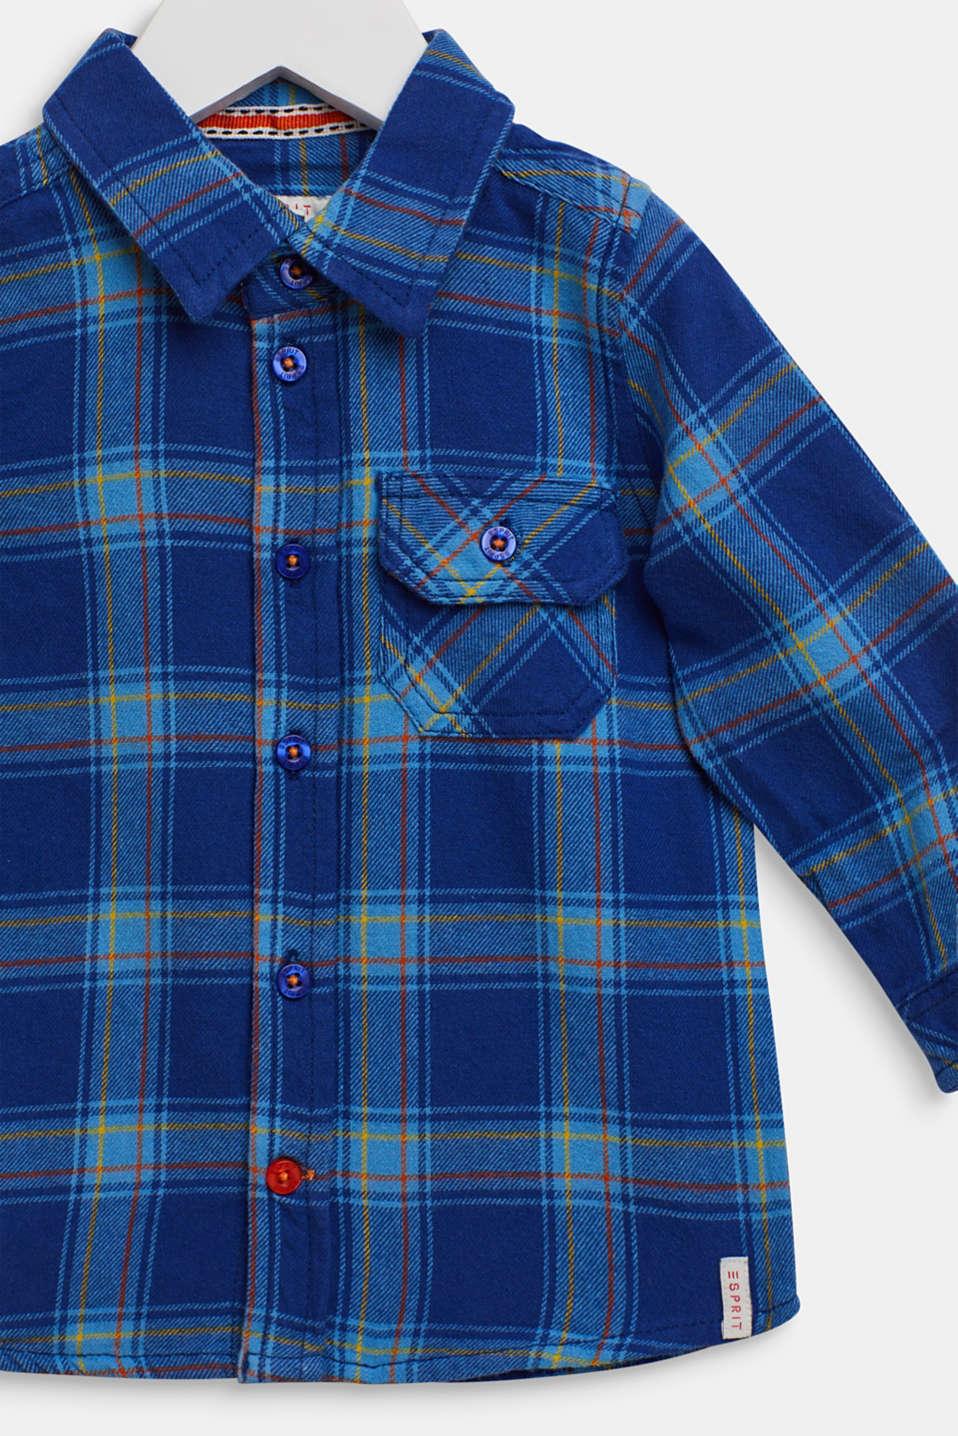 Check shirt in 100% cotton, LCINDIGO, detail image number 2